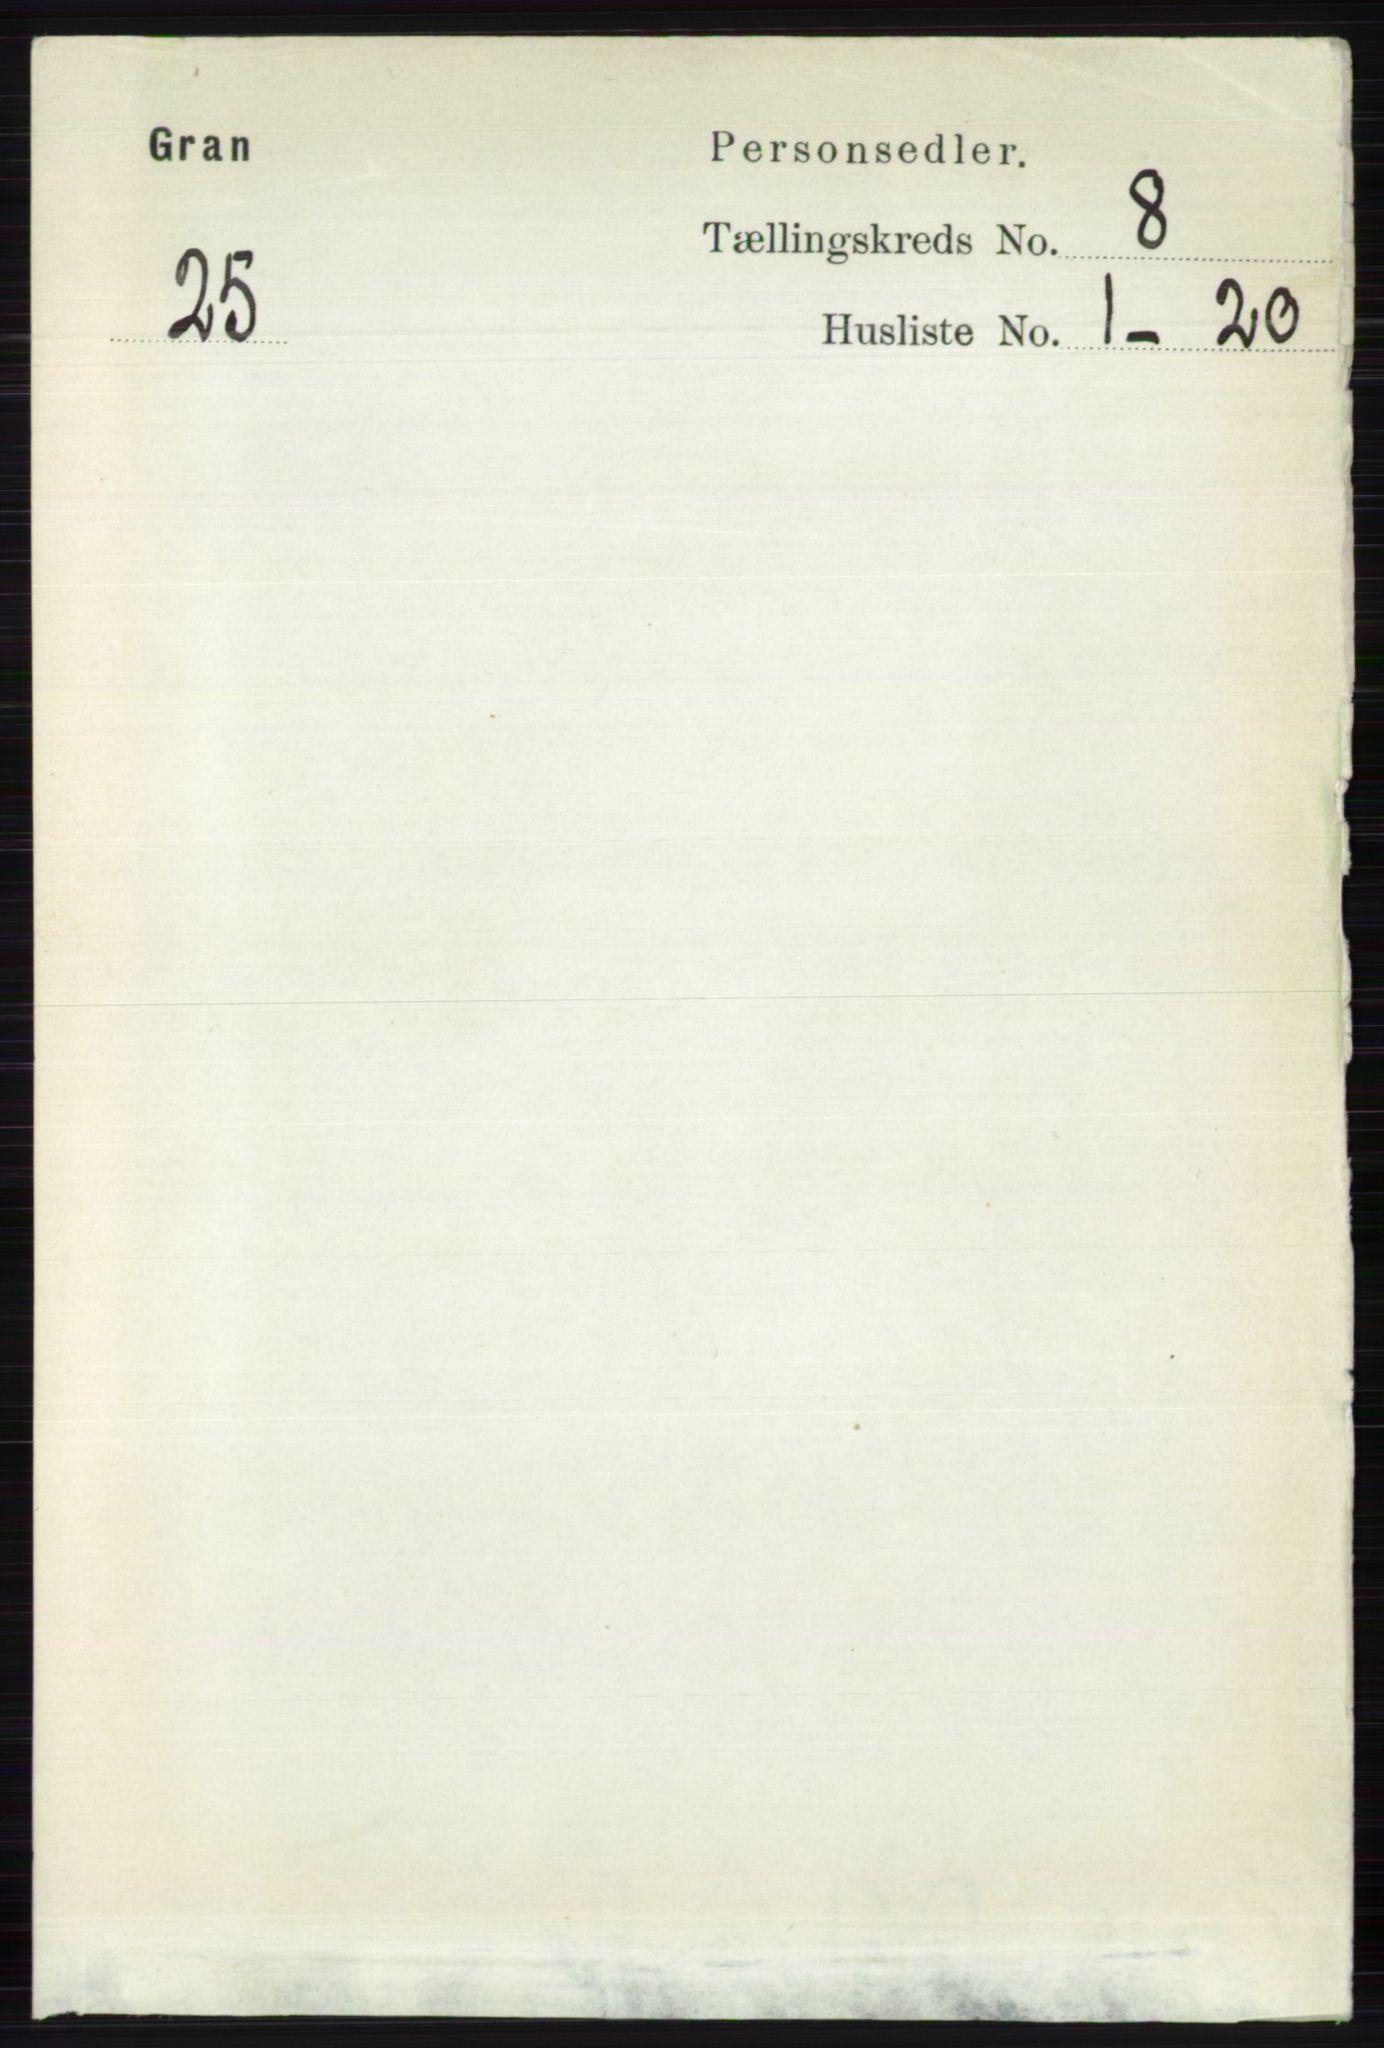 RA, Folketelling 1891 for 0534 Gran herred, 1891, s. 3346